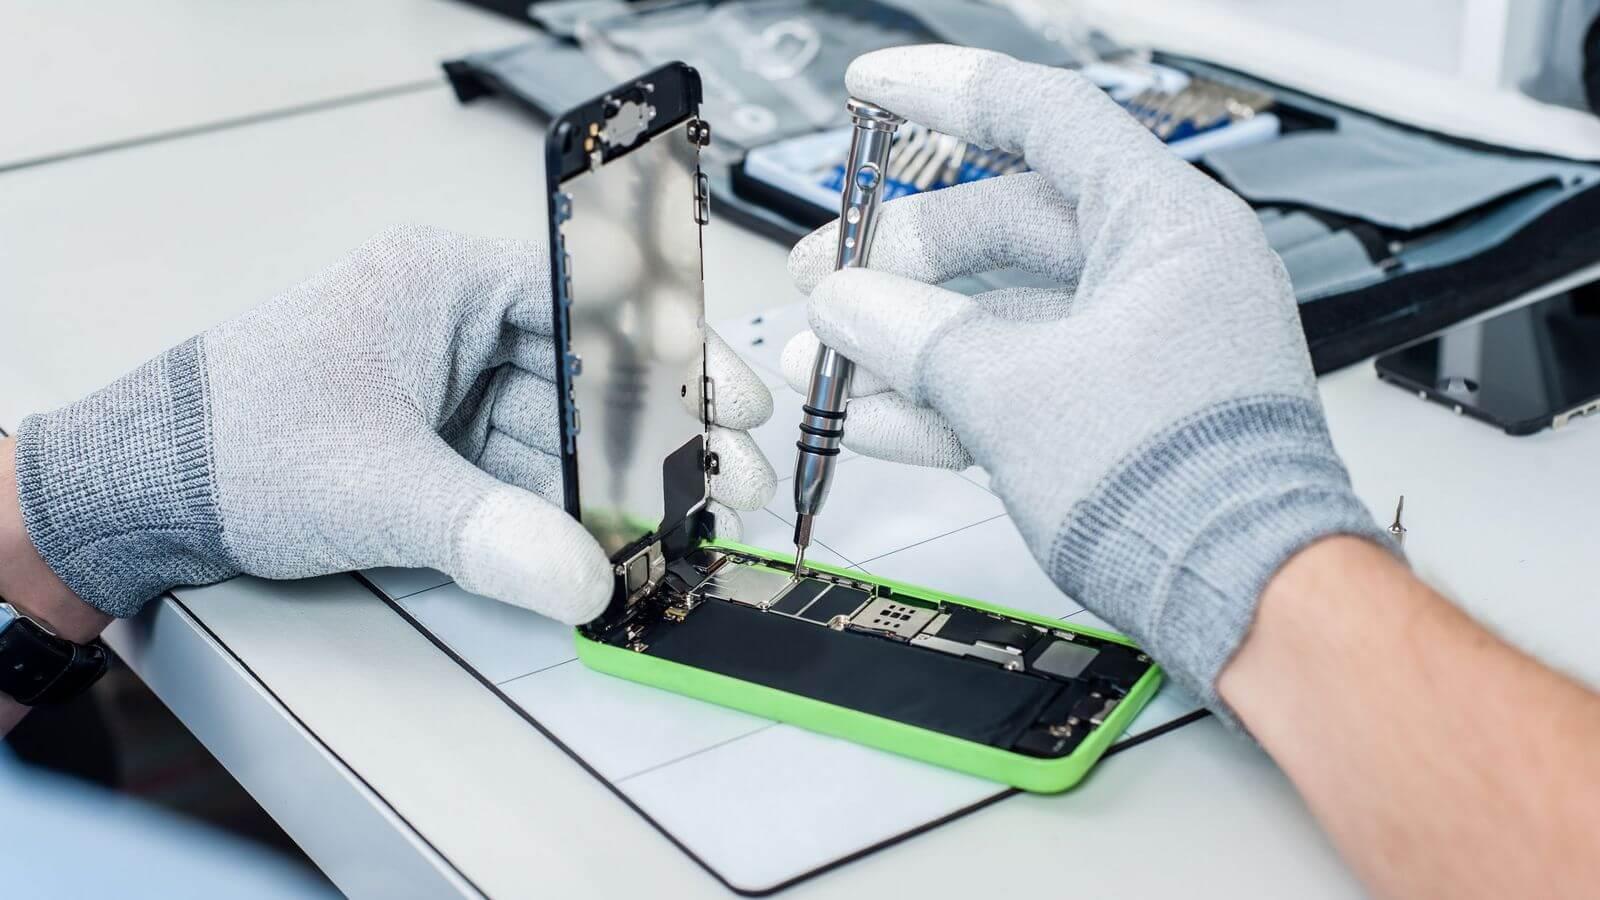 Apple ограничит участие в программе льготной замены аккумуляторов